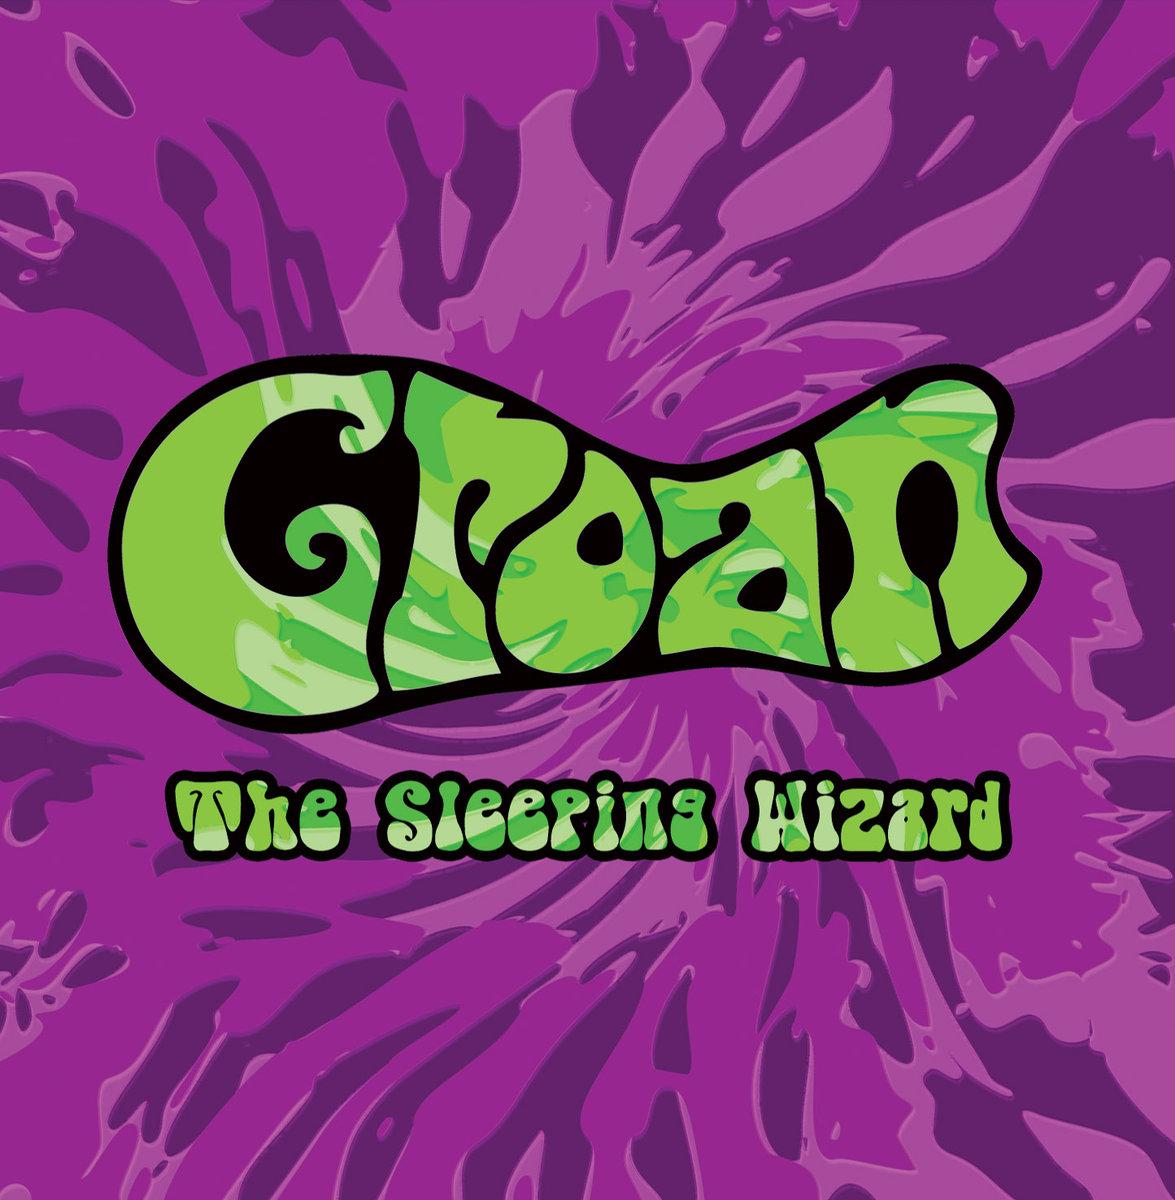 Fail clipart groan The Groan by Sleeping Groan